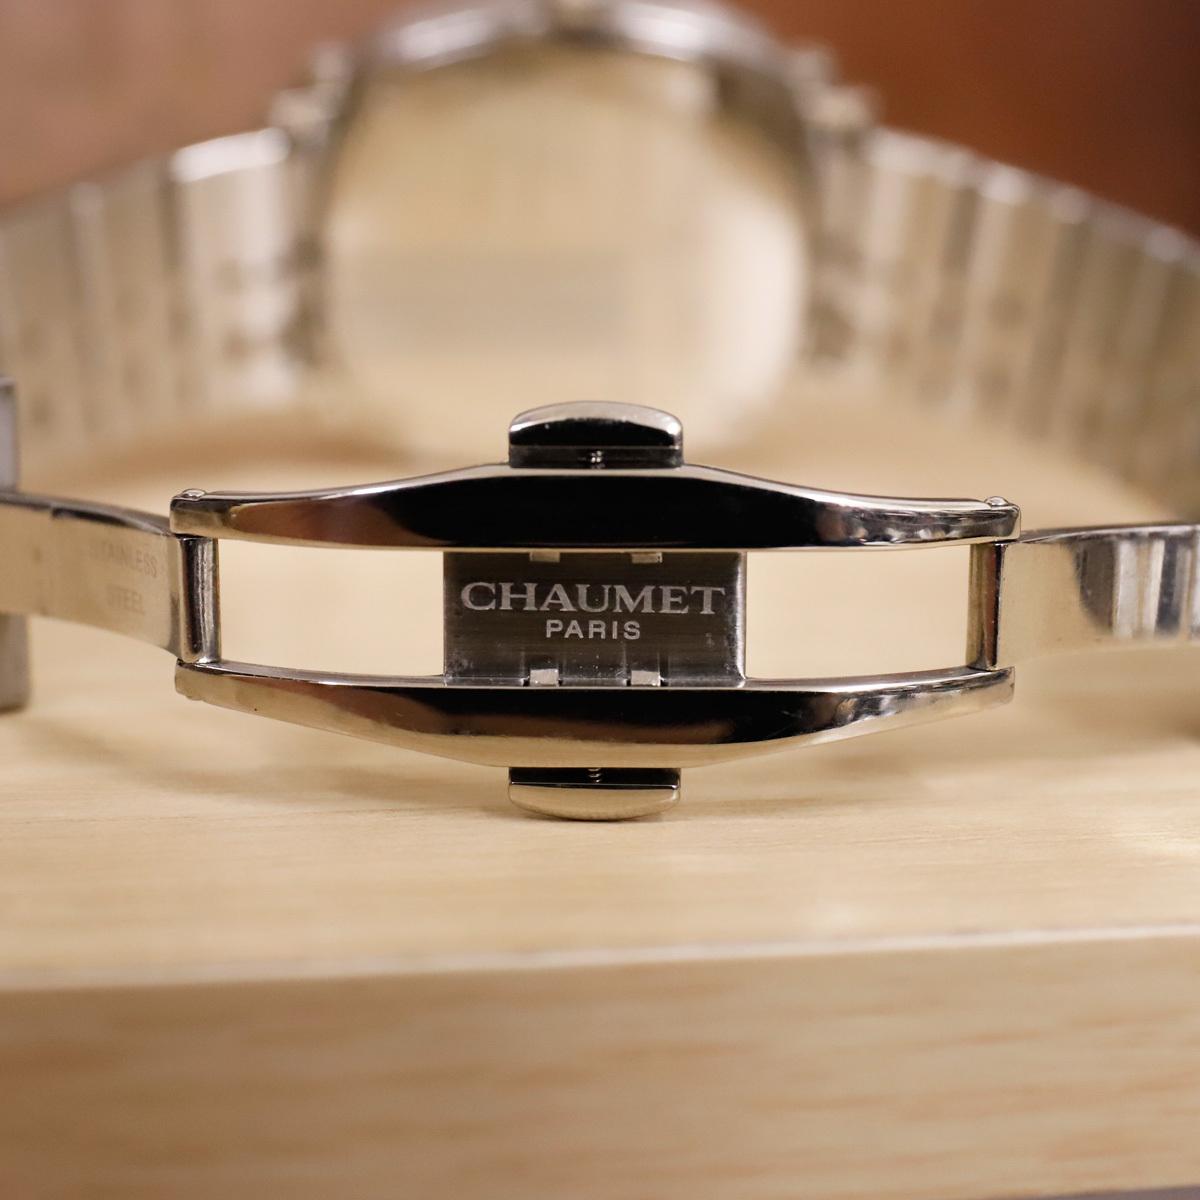 本物 ショーメ 自動巻 ダンディ オートマチック メンズ 純正メタルブレスレットモデル 機械式時計 スイス製 正規品 CHAUMET_画像8